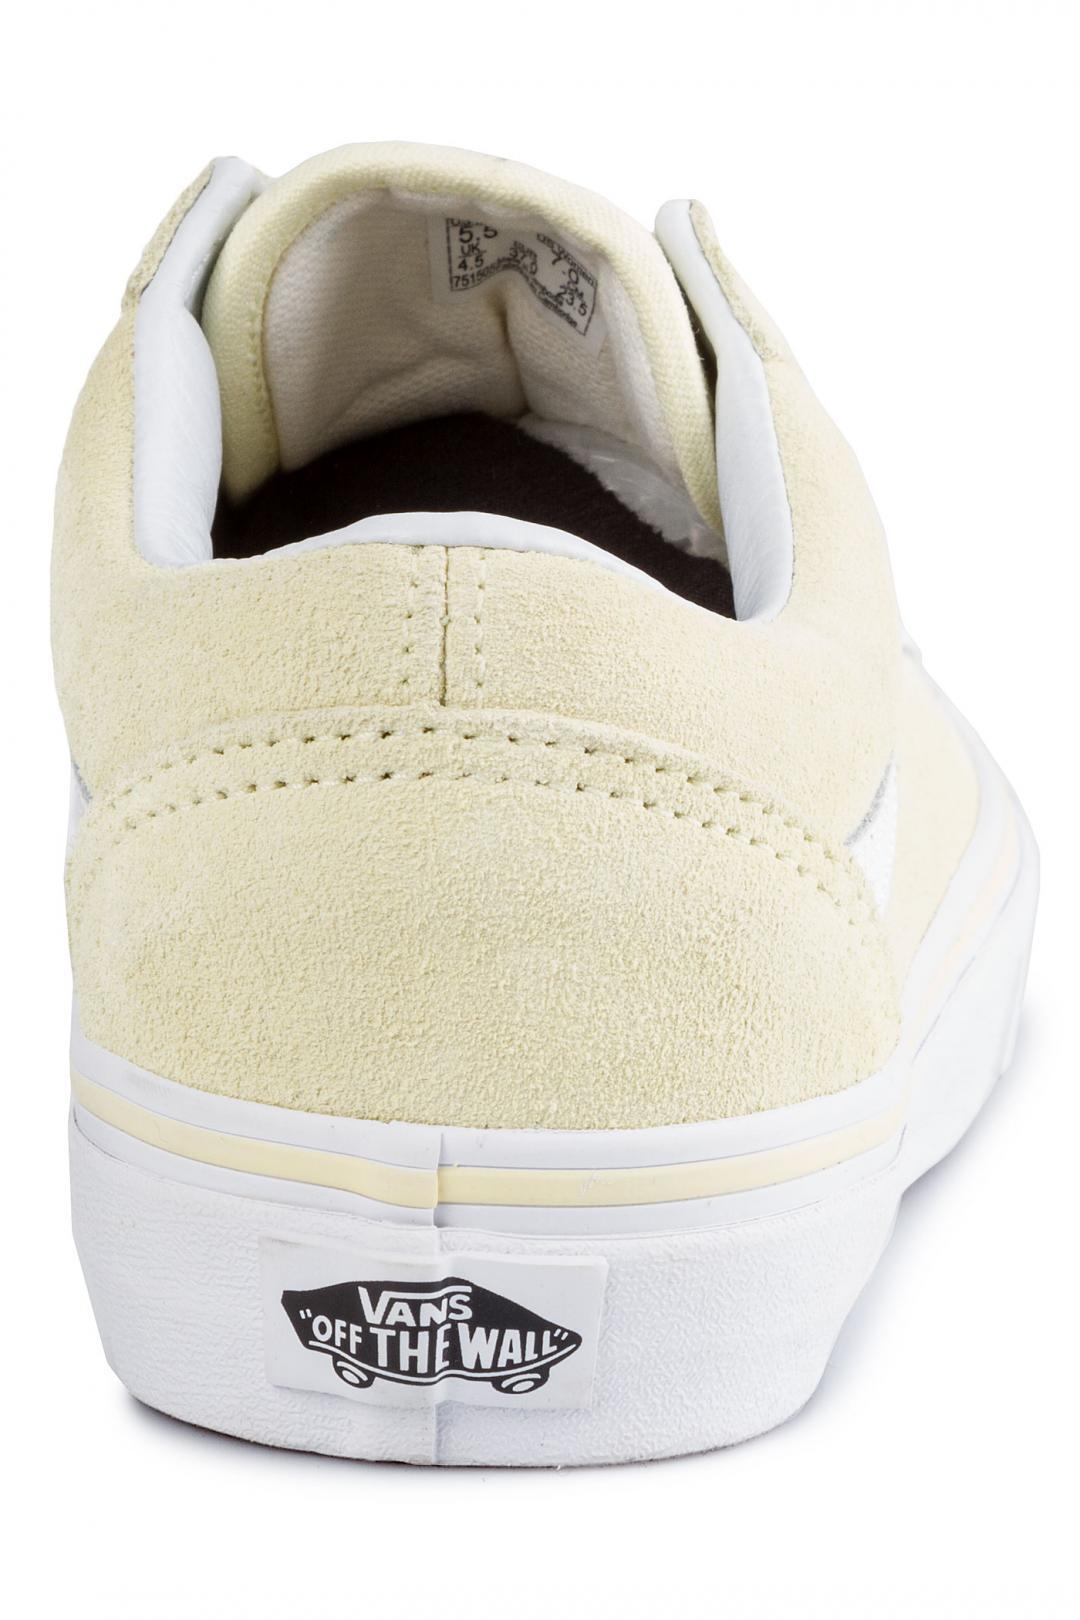 Donna Vans Old Skool tend yellow   Sneakers low top